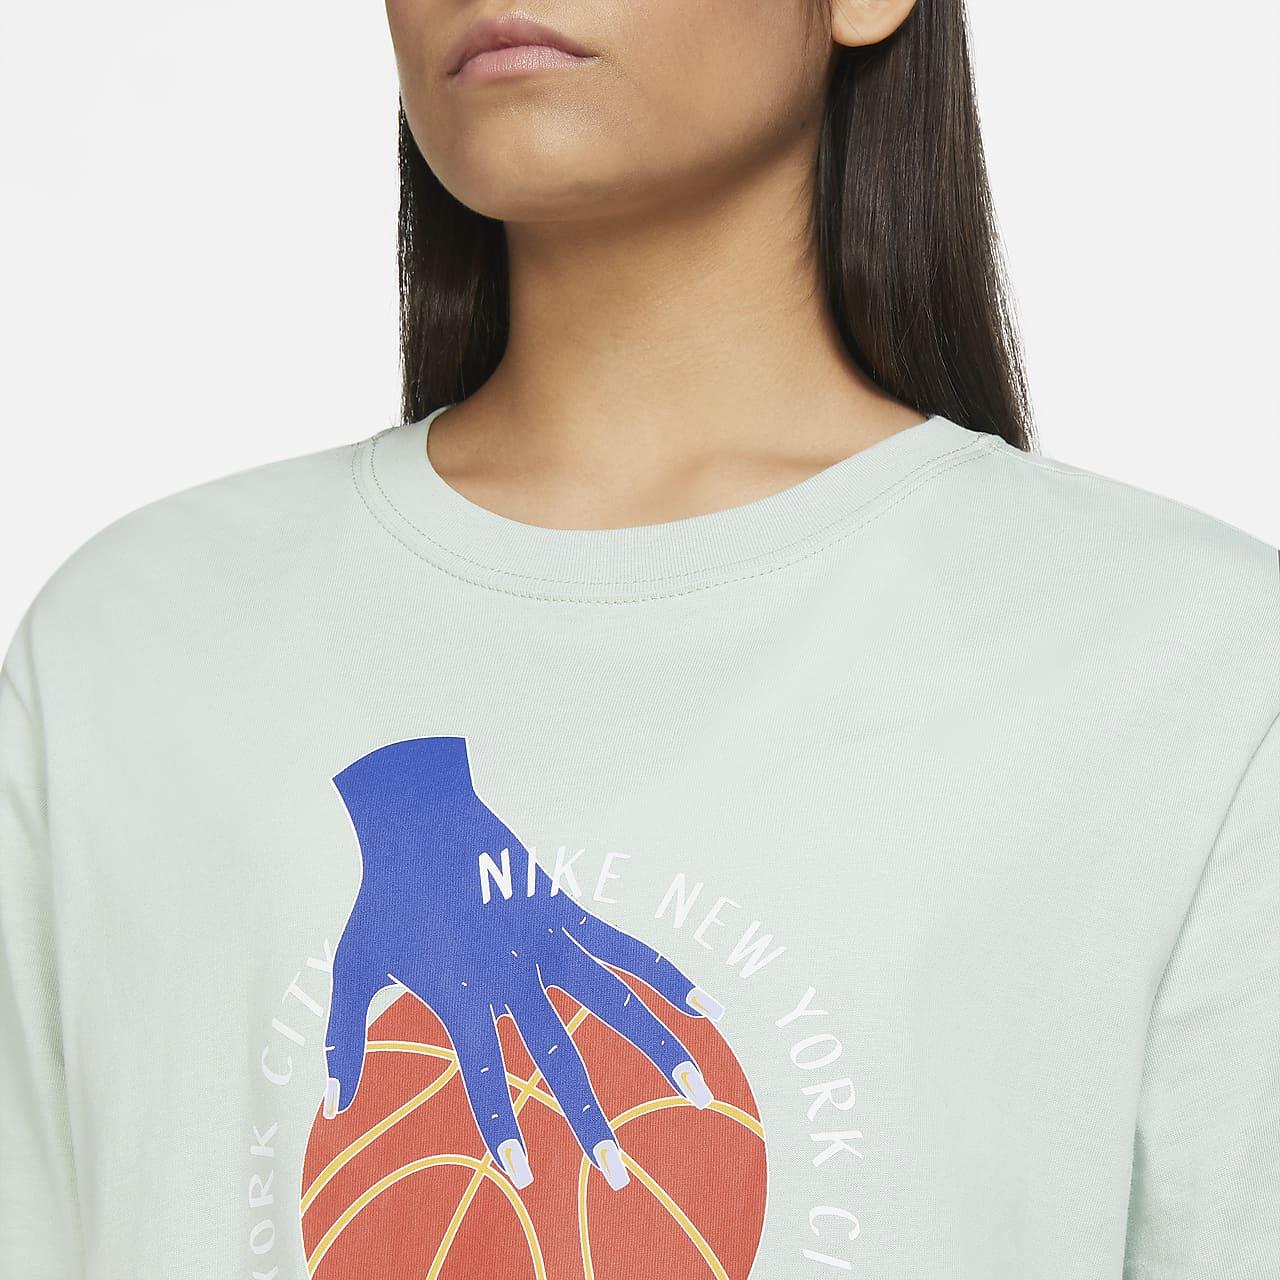 Nike Sportswear Women's T-Shirt DD9050-321